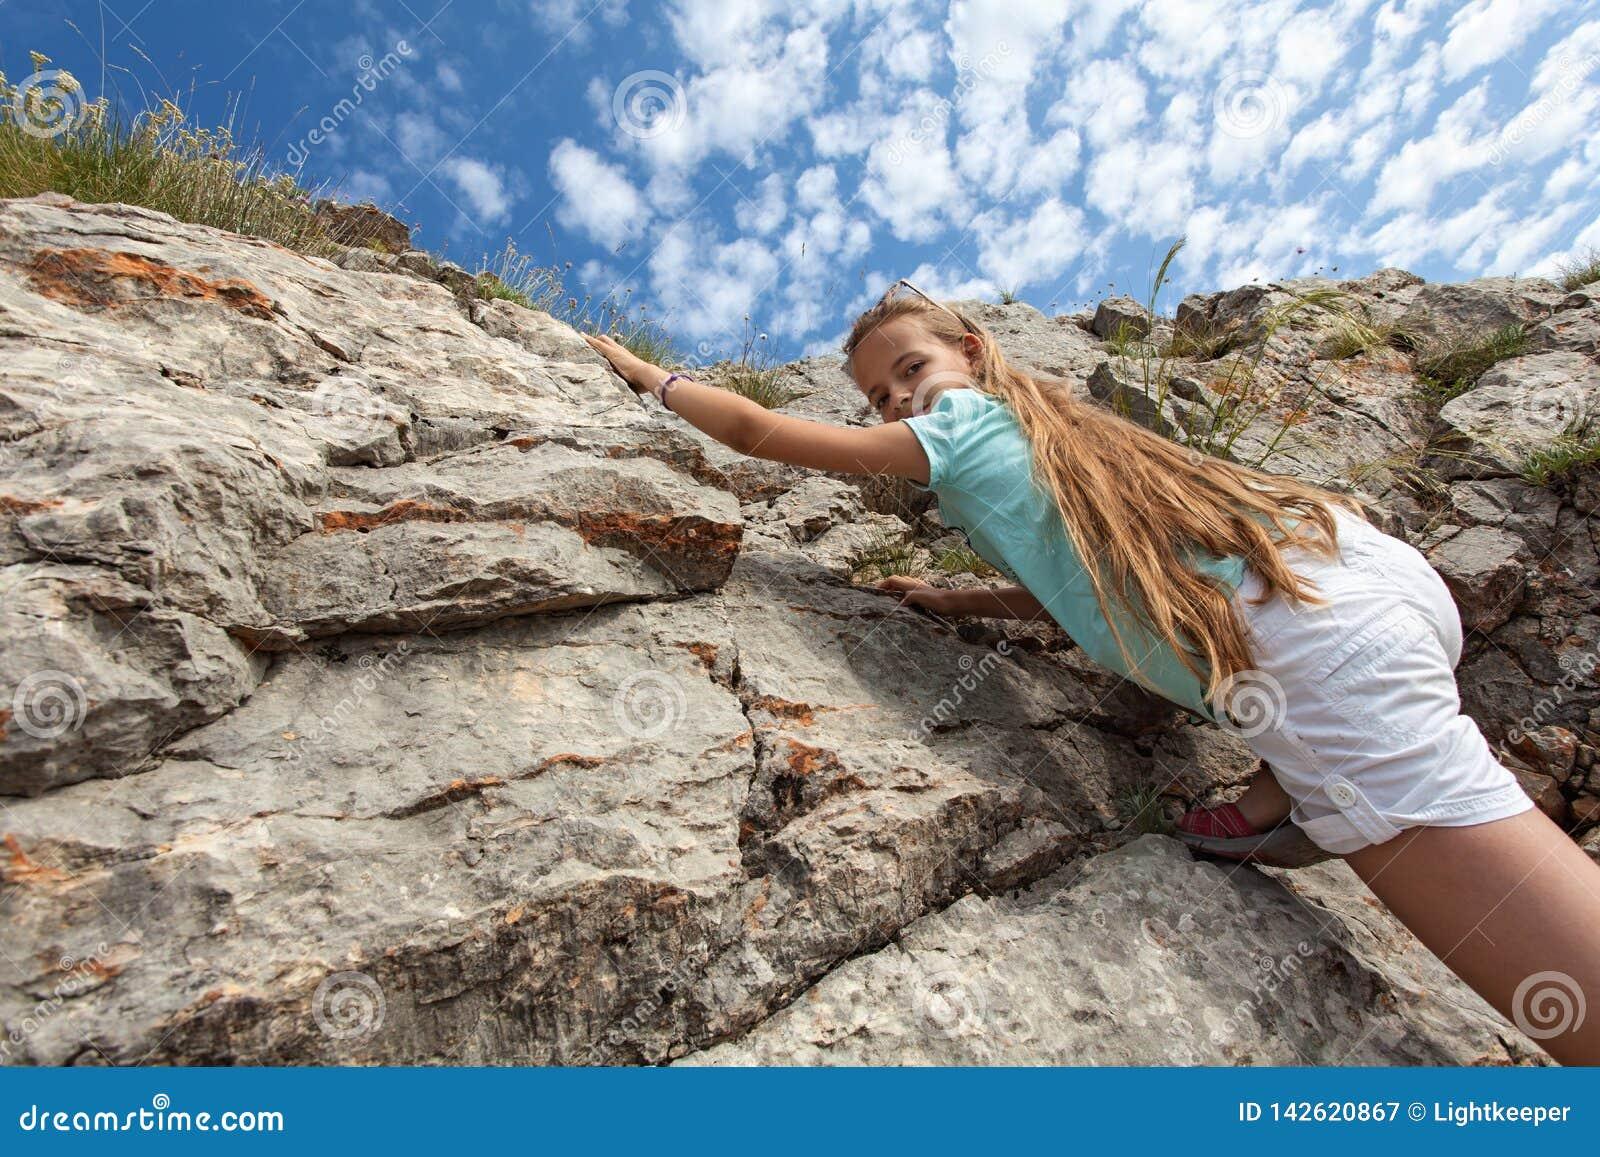 Jong meisje die - op een rotsachtige helling beklimmen wandelen die